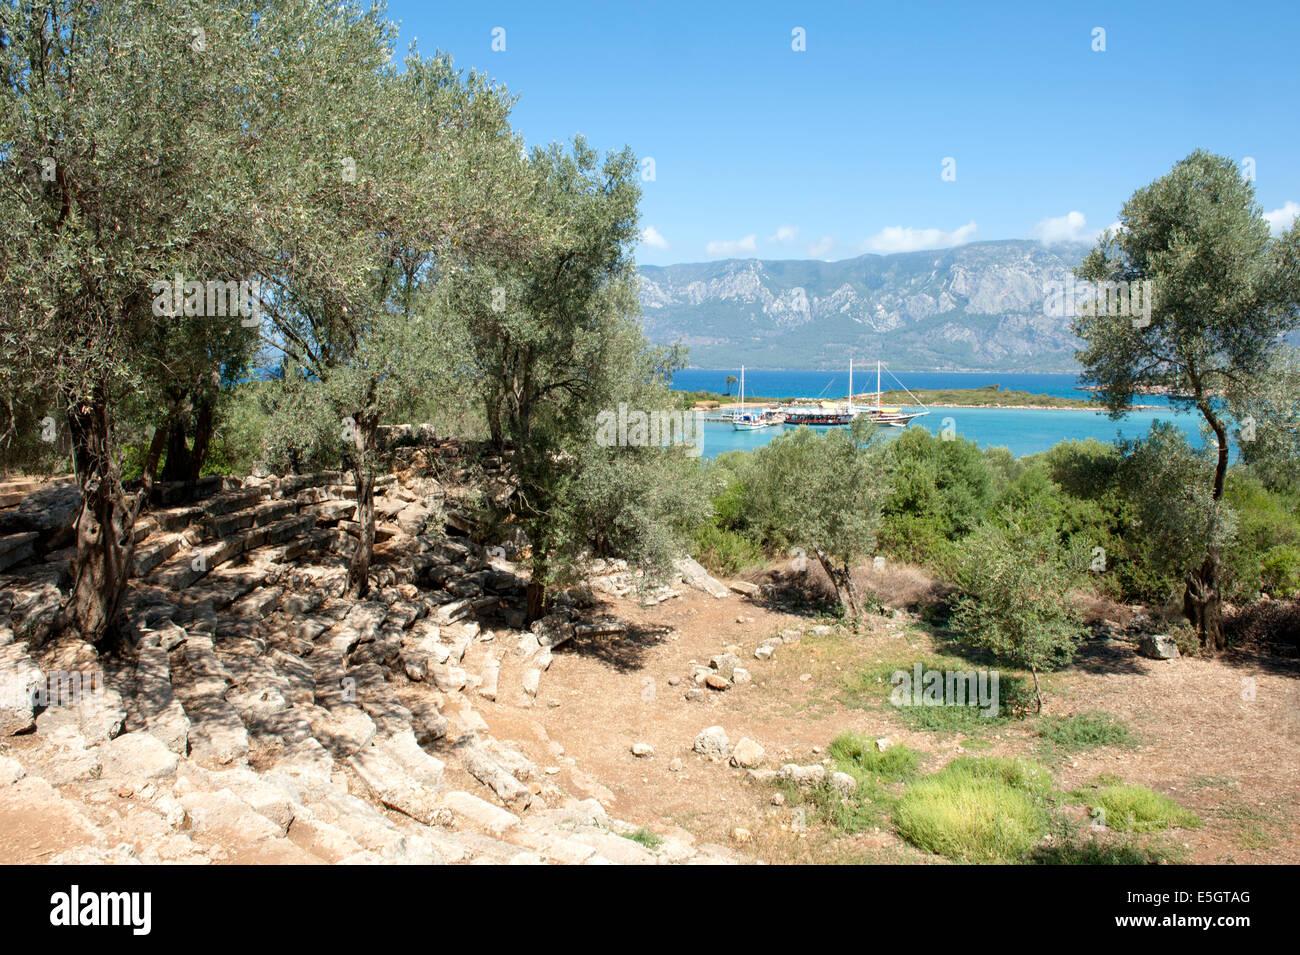 Blick auf den Hafen von Sedir Adasi Insel aus den Ruinen des antiken griechischen Theaters, Golf von Gökova, Stockbild